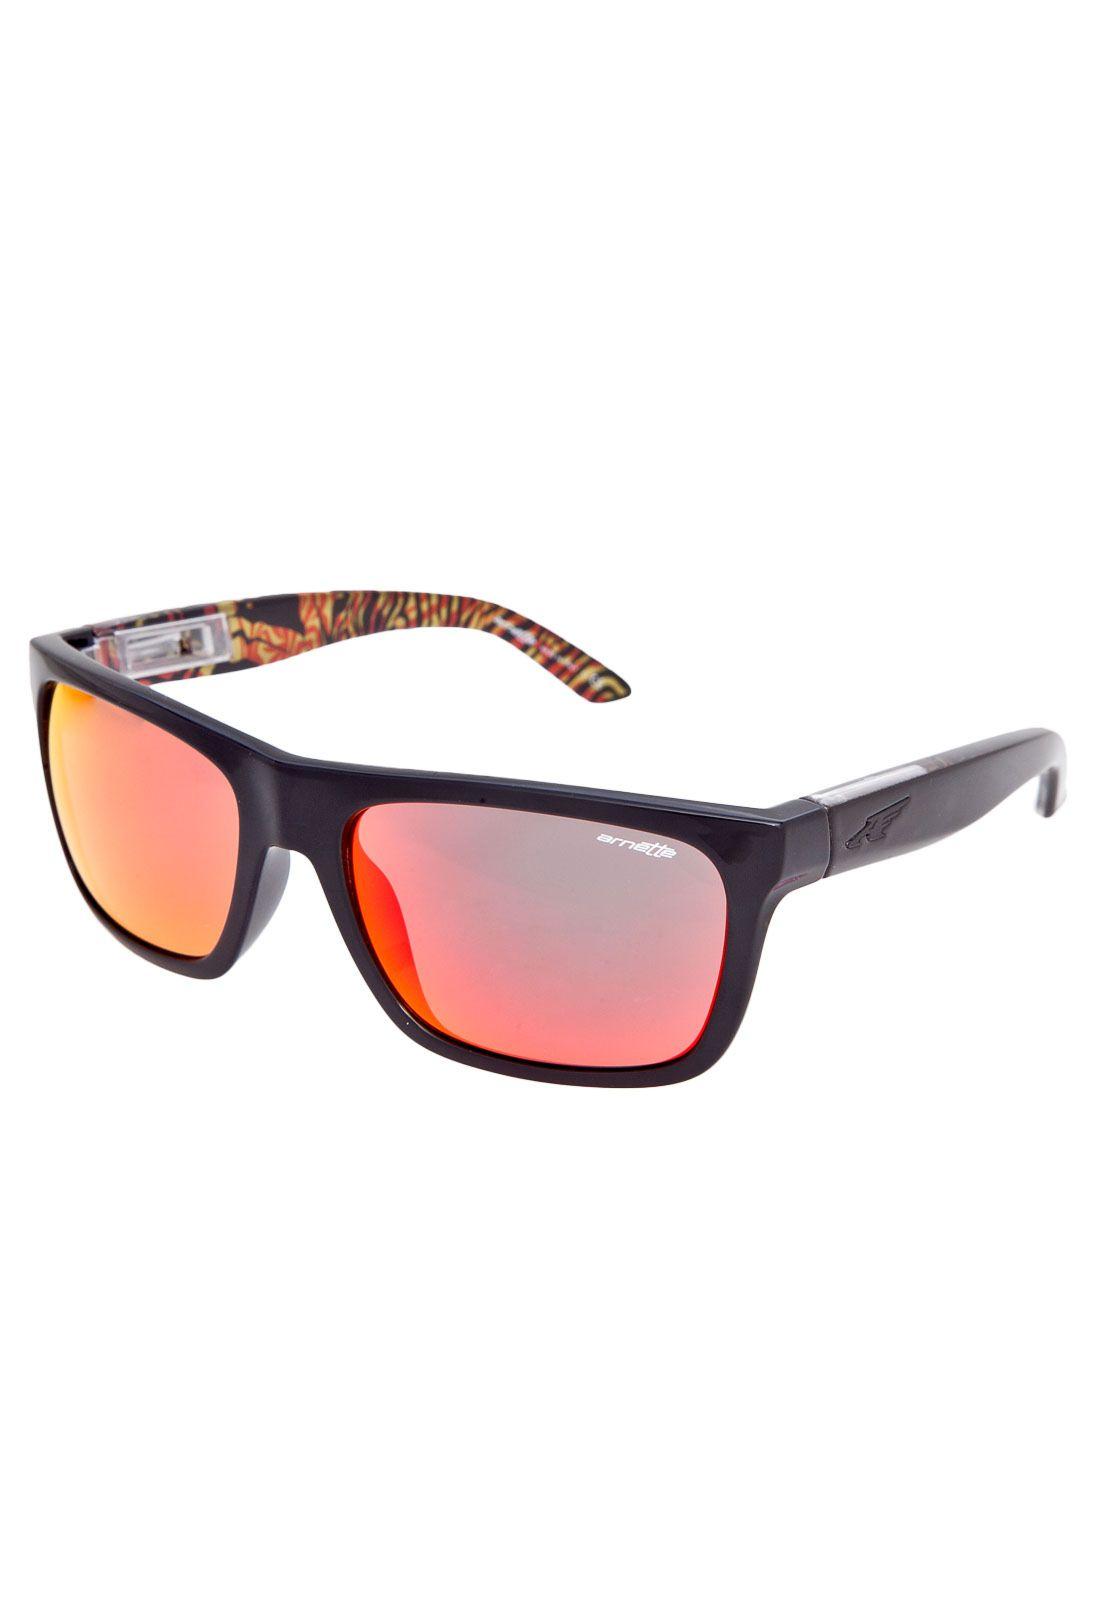 39910d4396116 Óculos solares arnette psychedelic preto feitos em nylon com armação  fechada de 15cm de largura frontal. apresentam lentes geométricas em  policarbonato.